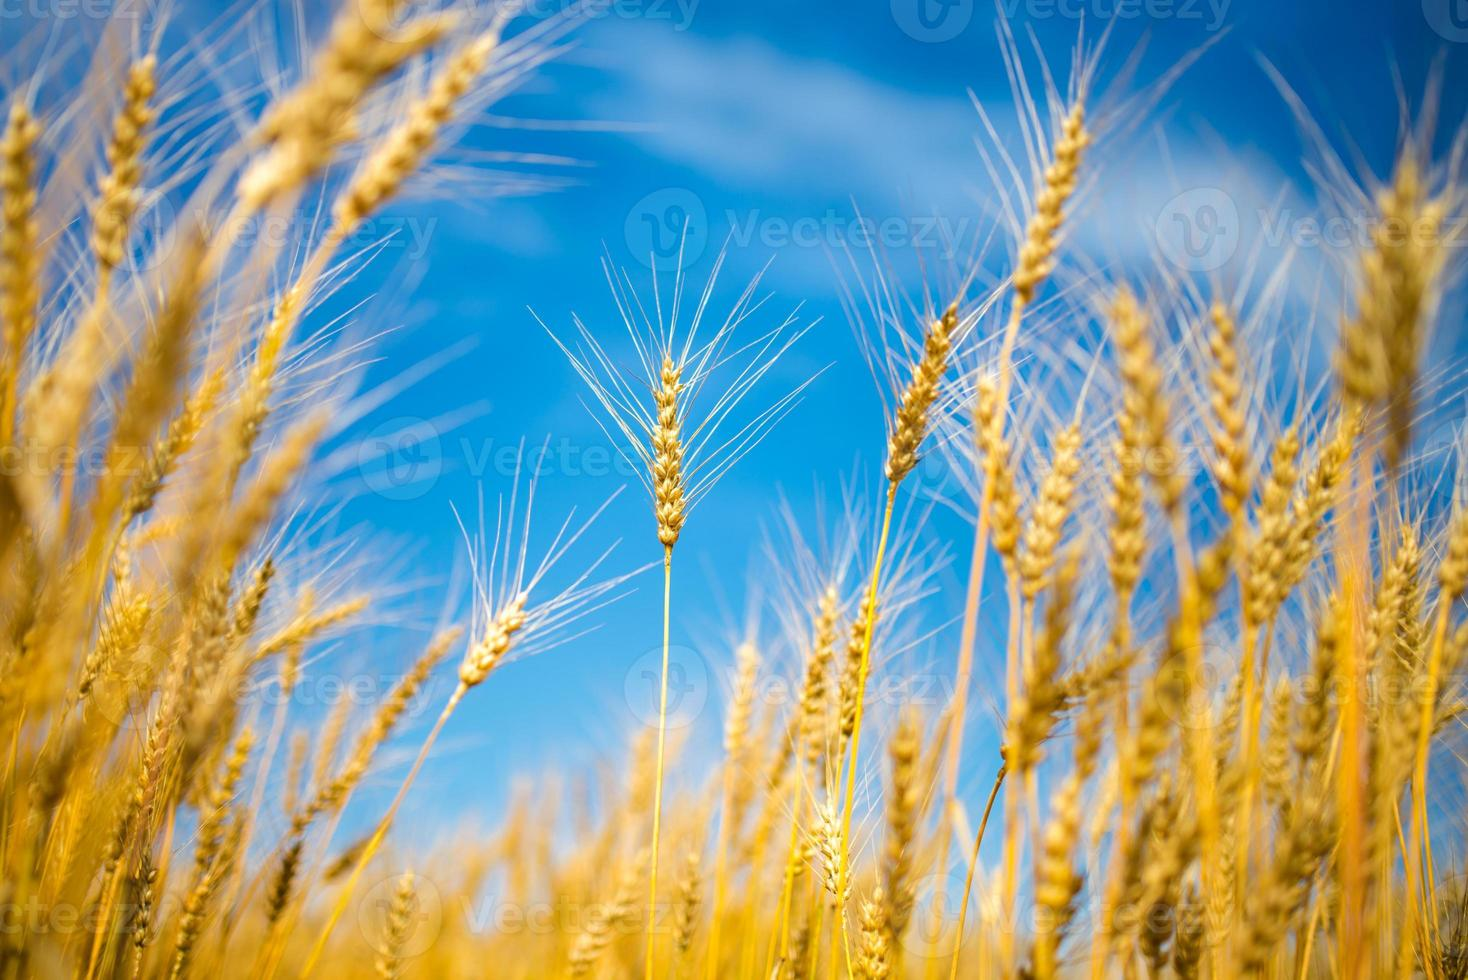 Nahaufnahme von reifen Weizenähren gegen Himmel foto